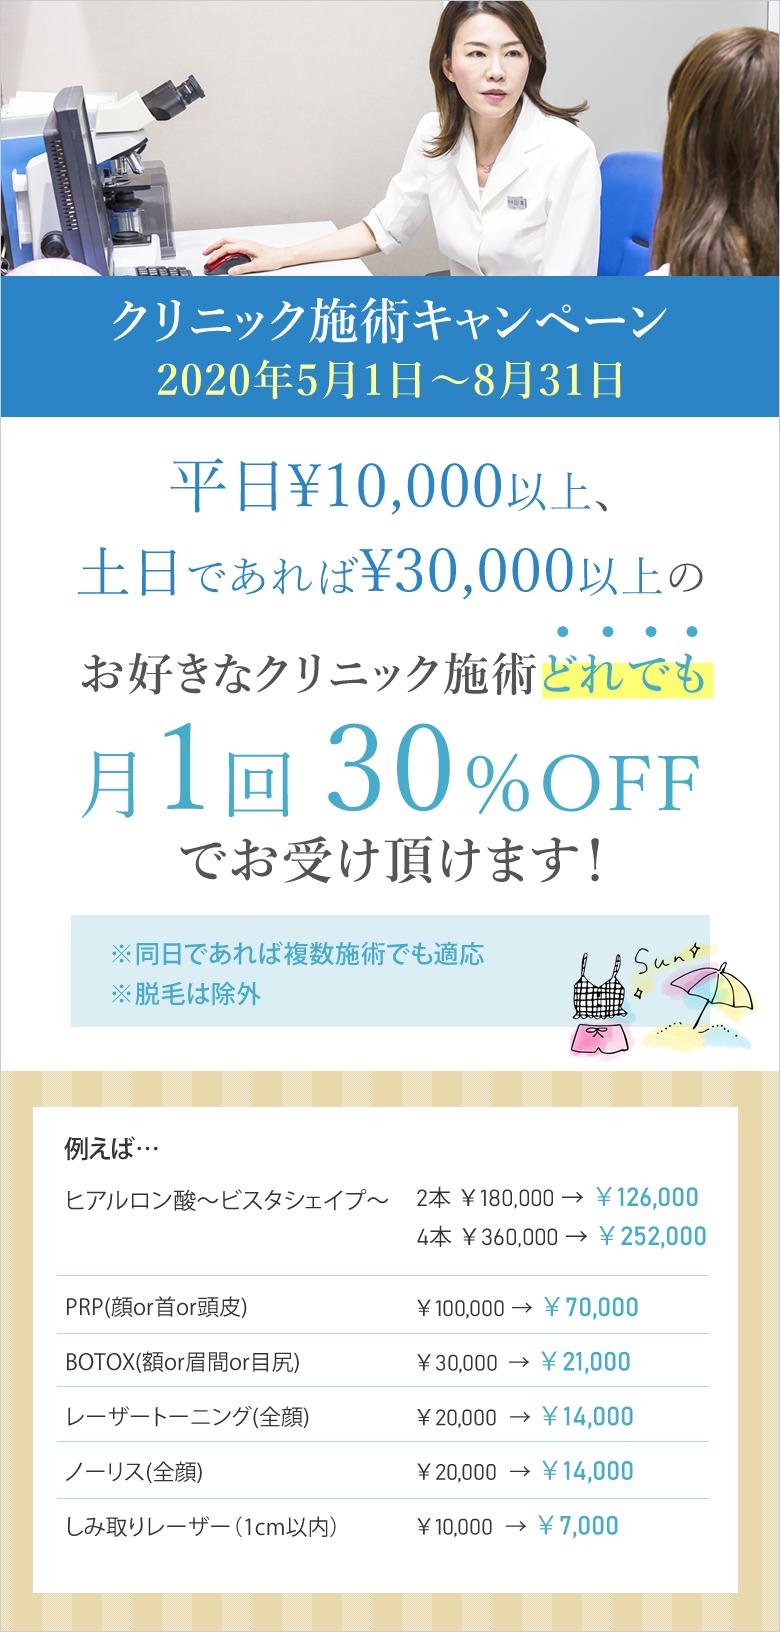 5月1日~8月31日|期間中、平日¥10,000円以上、土日であれば¥30,000以上のお好きなクリニック施術どれでも月1回 30%OFF でお受け頂けます!※同日であれば複数施術でも適応※脱毛は除外